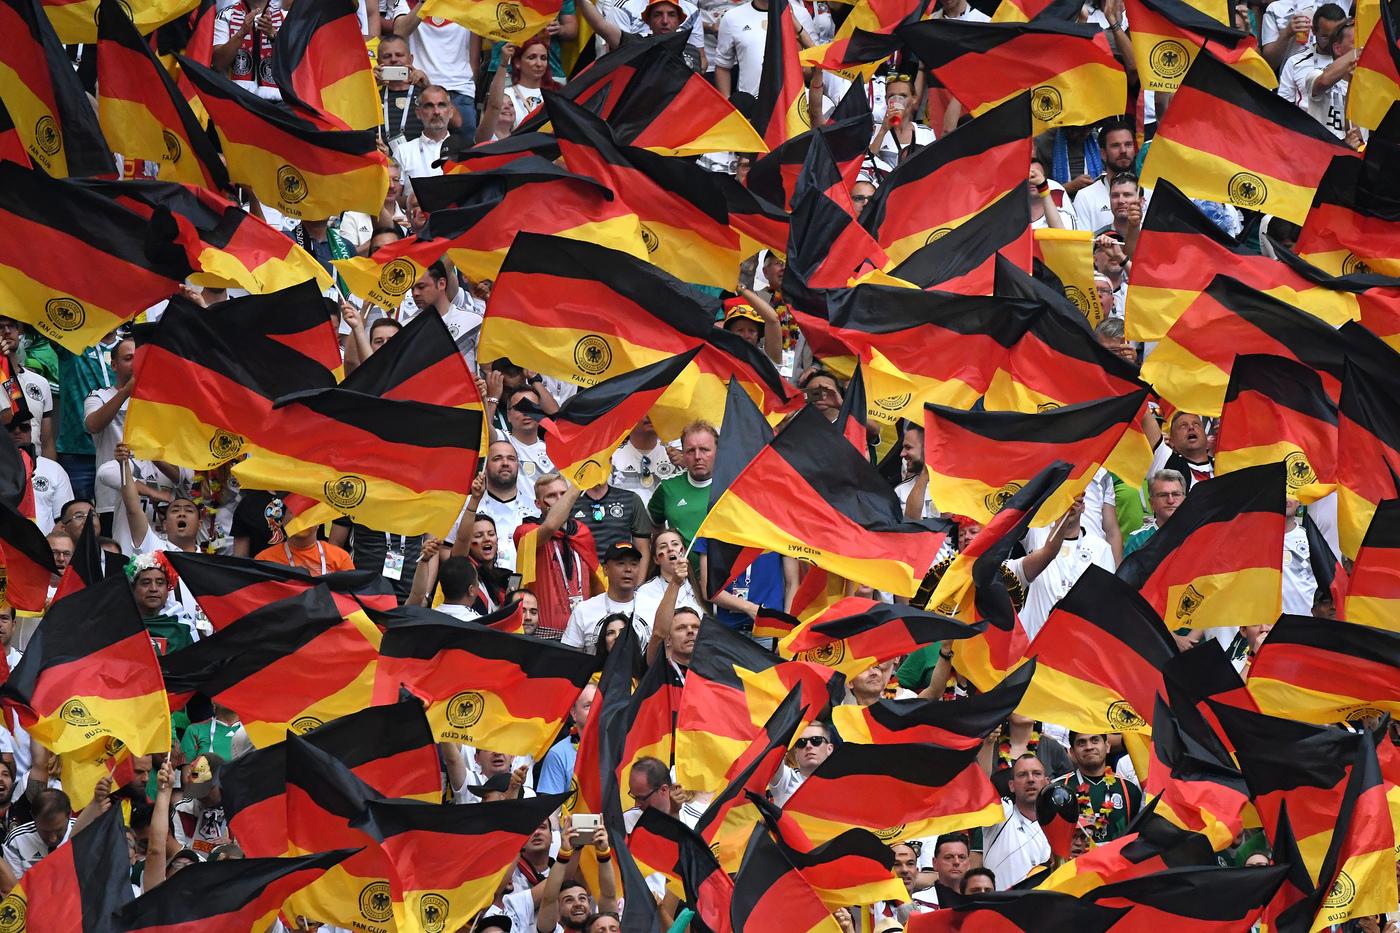 Amichevole, Germania U21-Olanda U21 venerdì 16 novembre: analisi e pronostico della gara amichevole tra le due selezioni Under 21